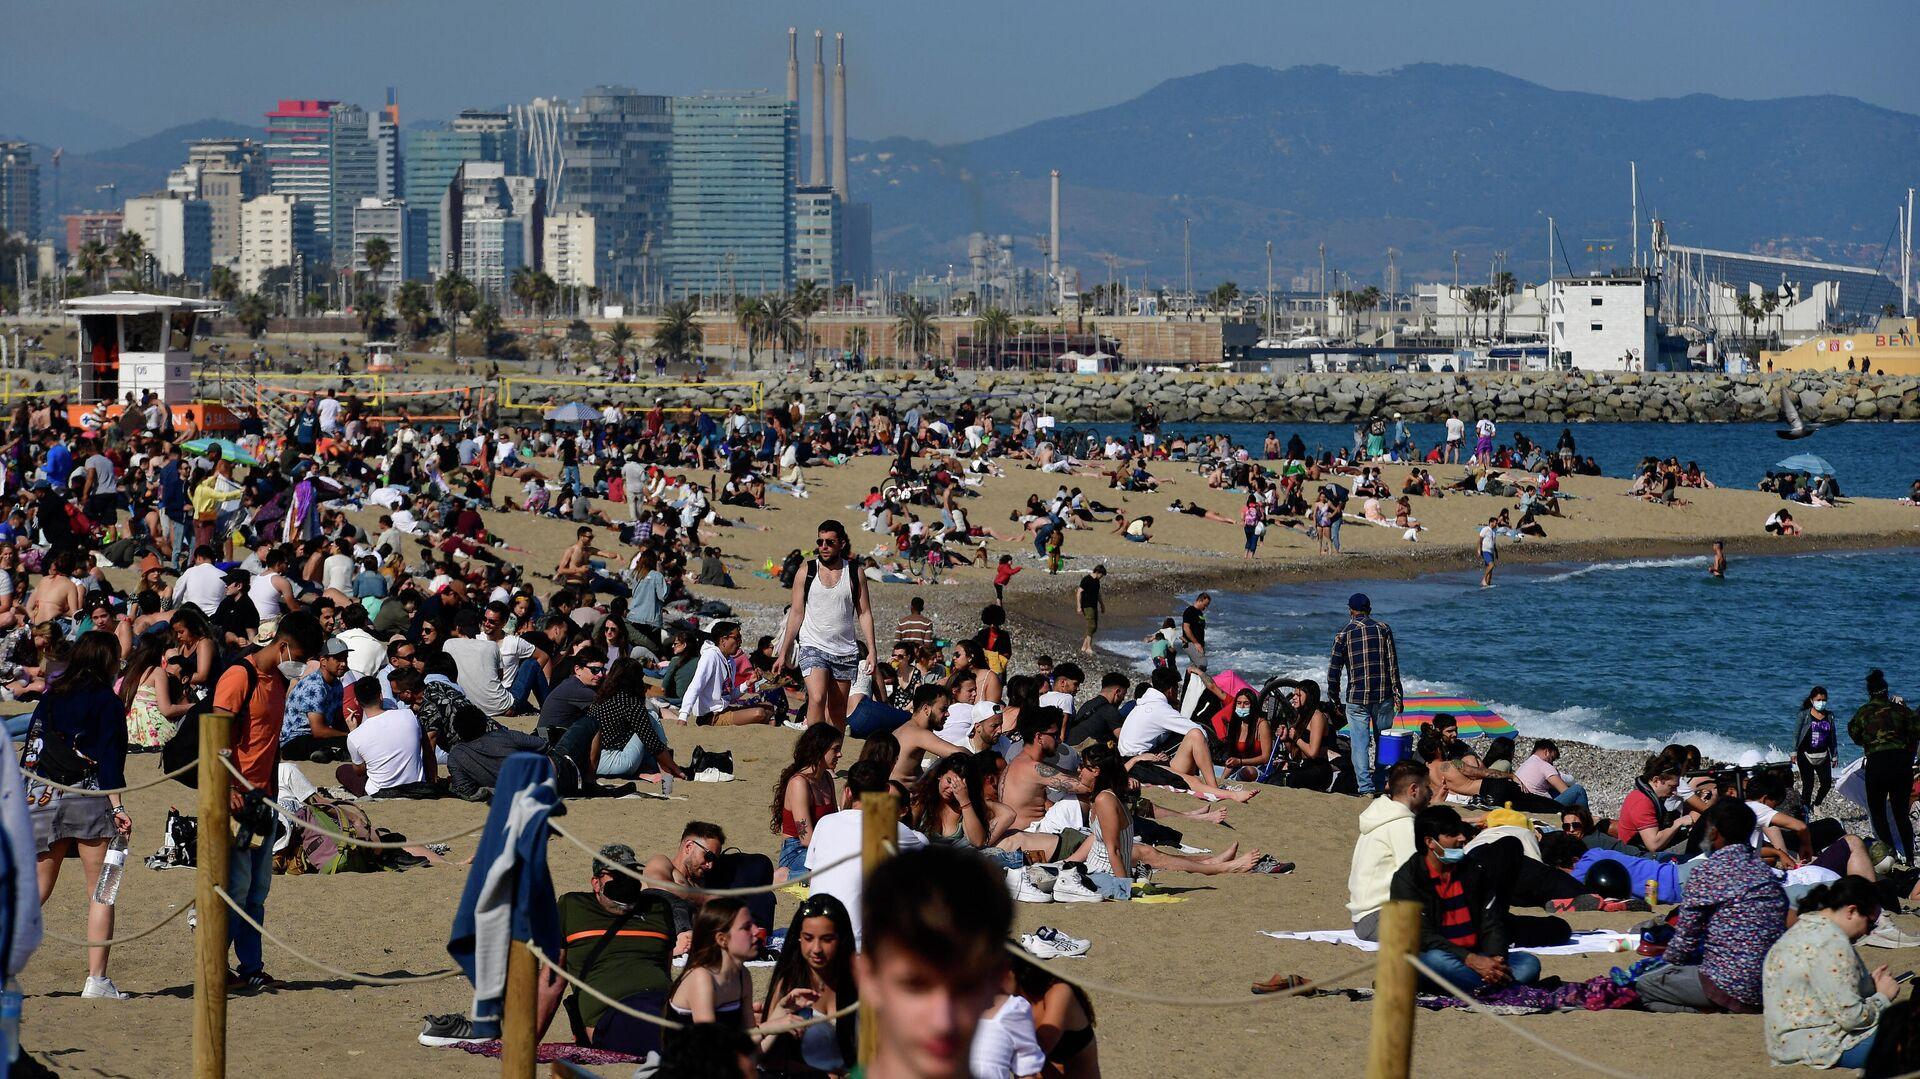 Público en la playa de la Barceloneta (Barcelona) - Sputnik Mundo, 1920, 08.04.2021